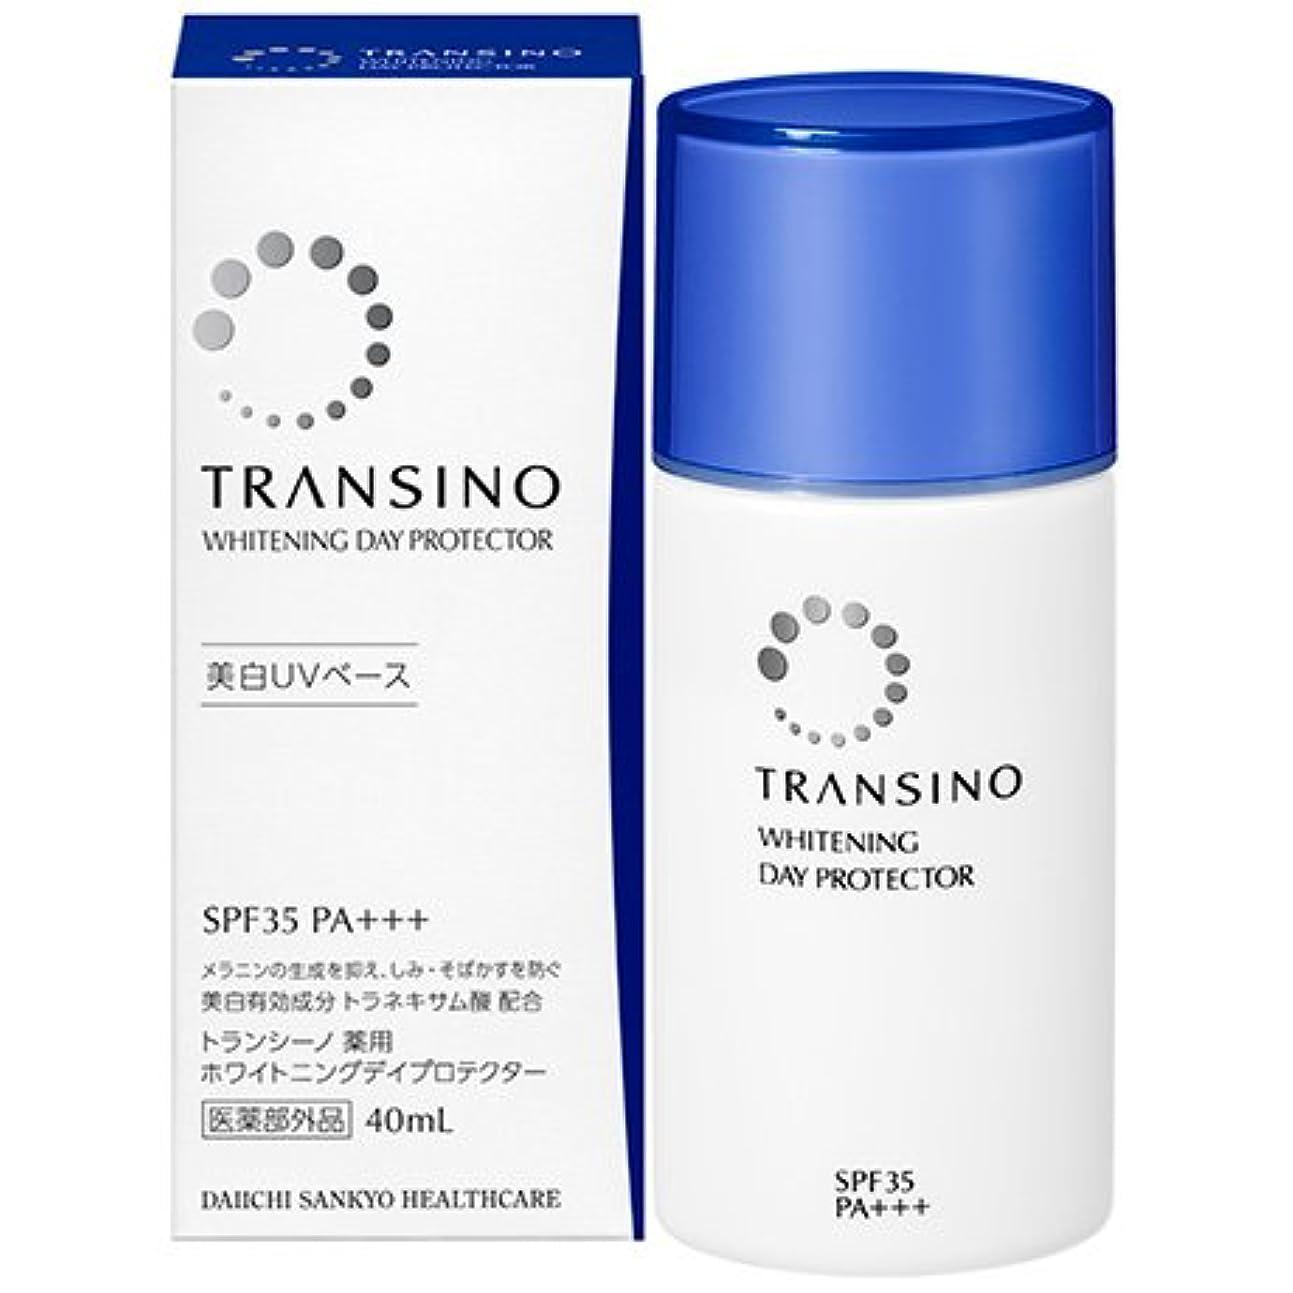 囲い思春期ジャンプするトランシーノ 薬用ホワイトニングデイプロテクター 40ml SPF35?PA+++ [並行輸入品]